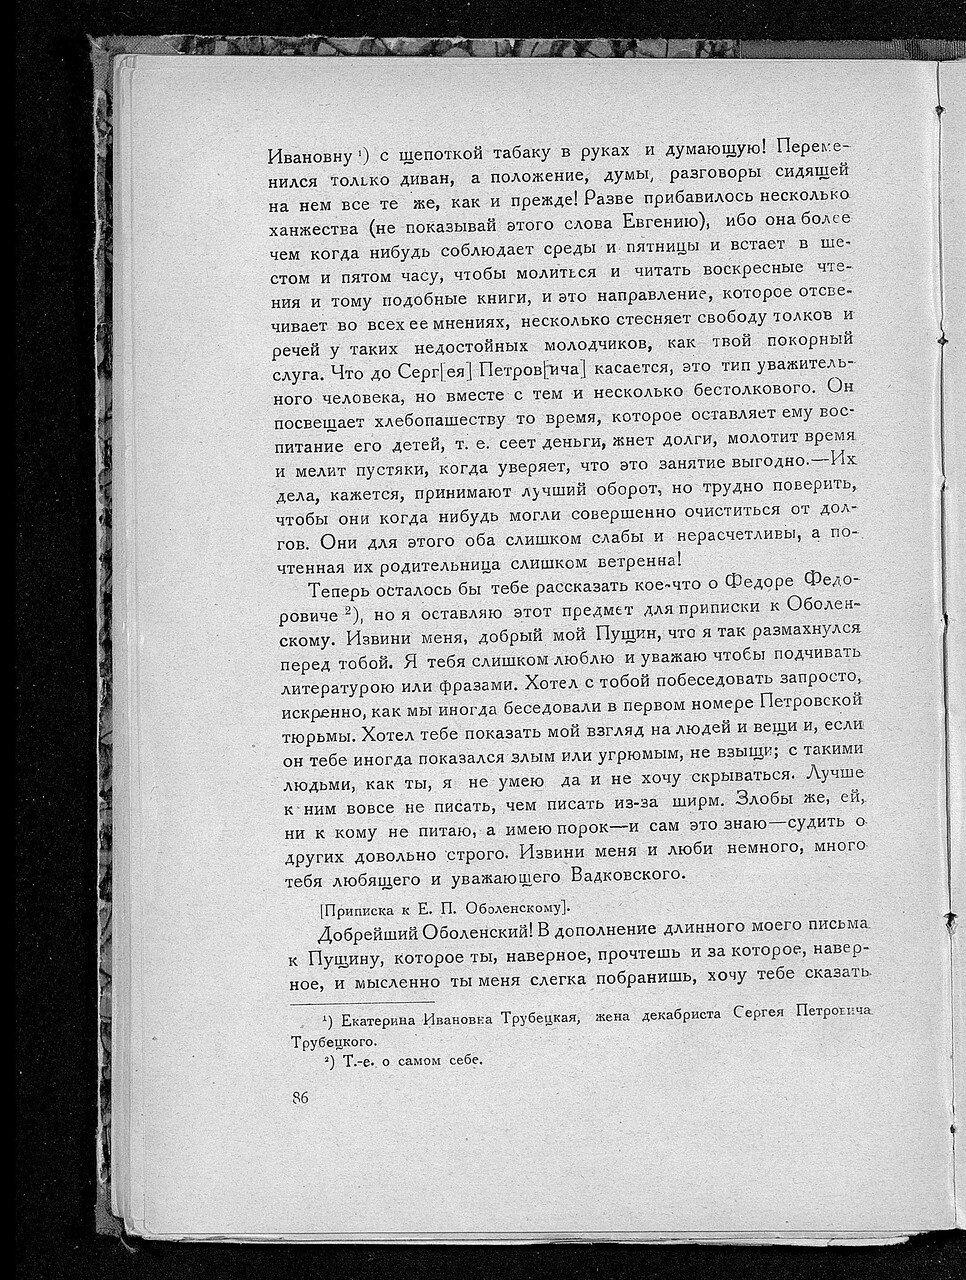 https://img-fotki.yandex.ru/get/900241/199368979.a1/0_214351_555a92a7_XXXL.jpg